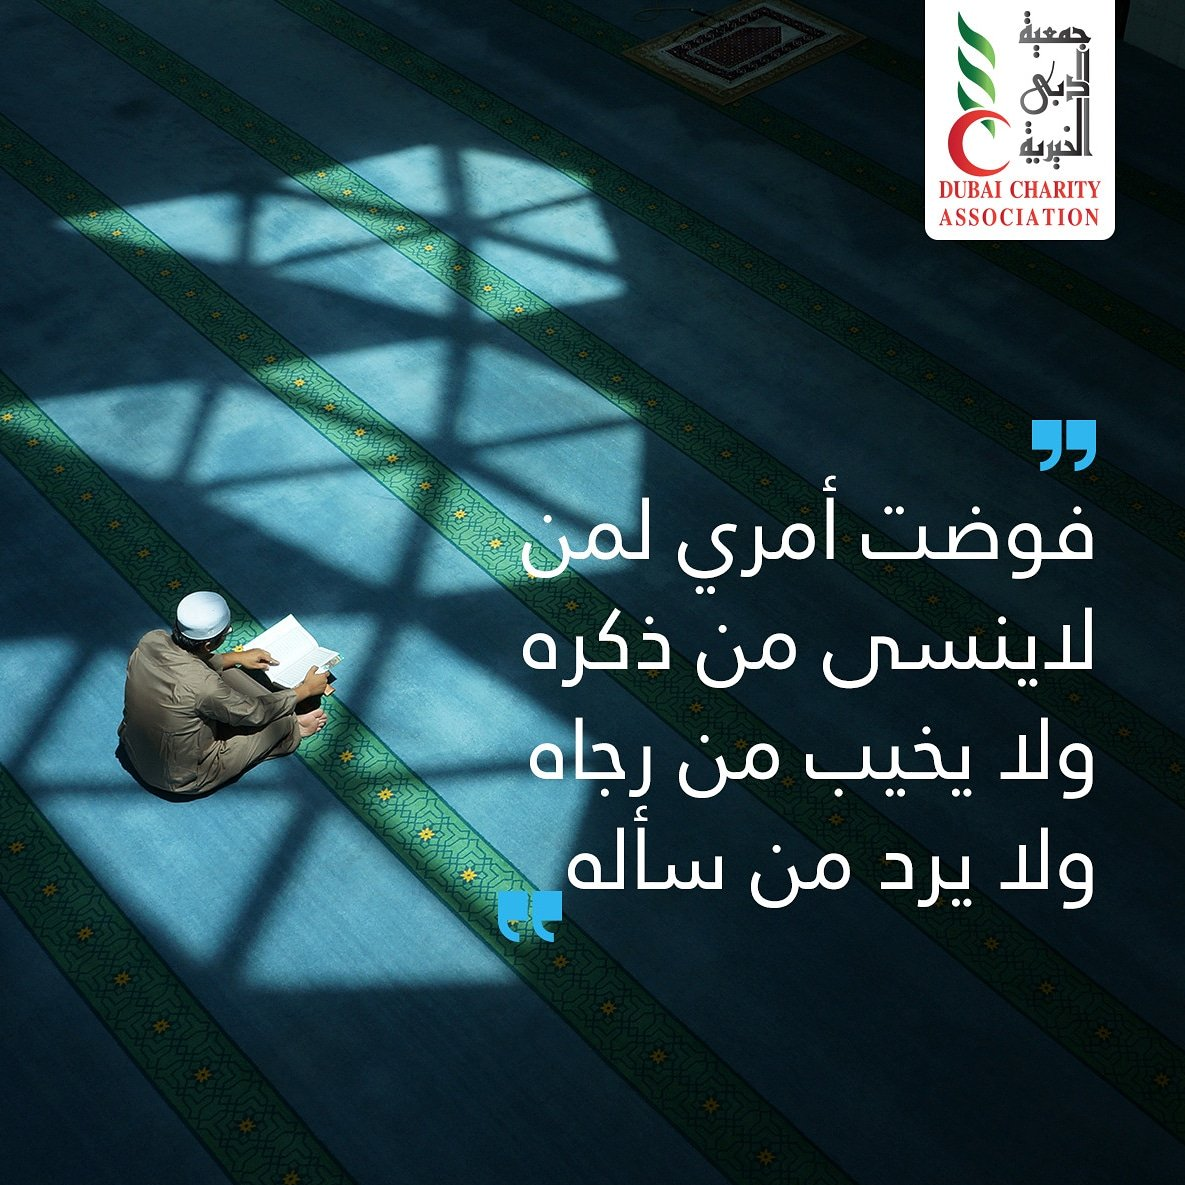 هنا جمعية دبي الخيرية حجز موعد كشكول عربي